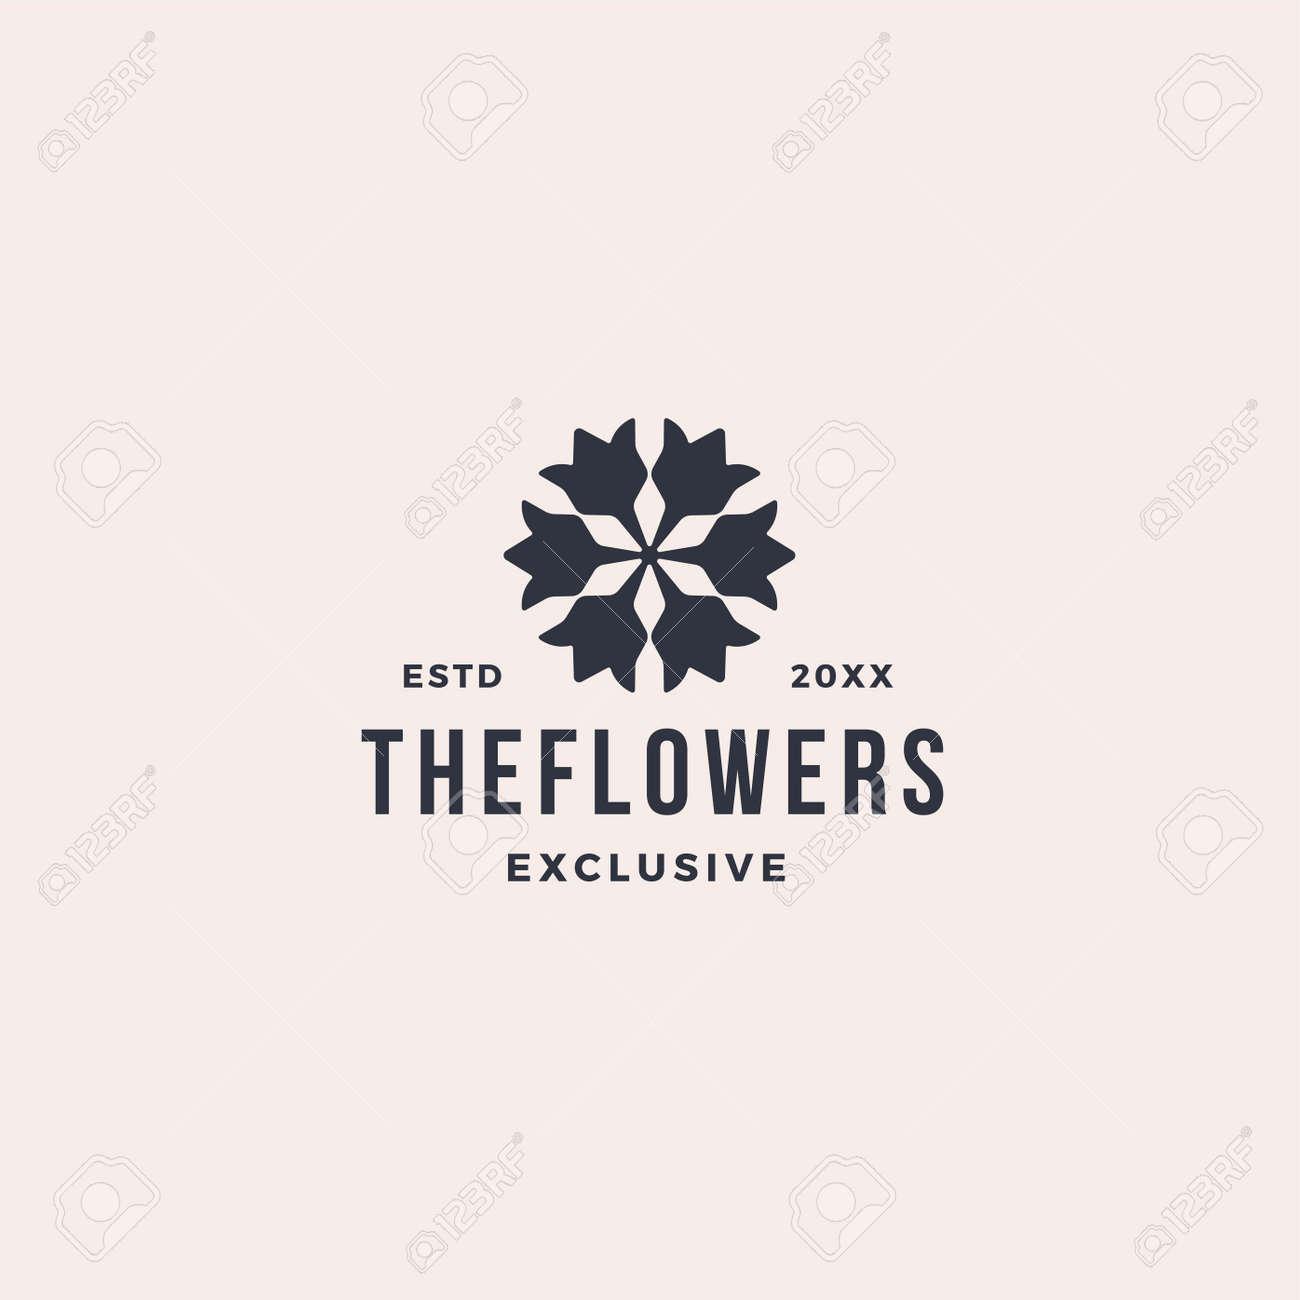 Elegant flower leaf ornament logo icon - 167587826